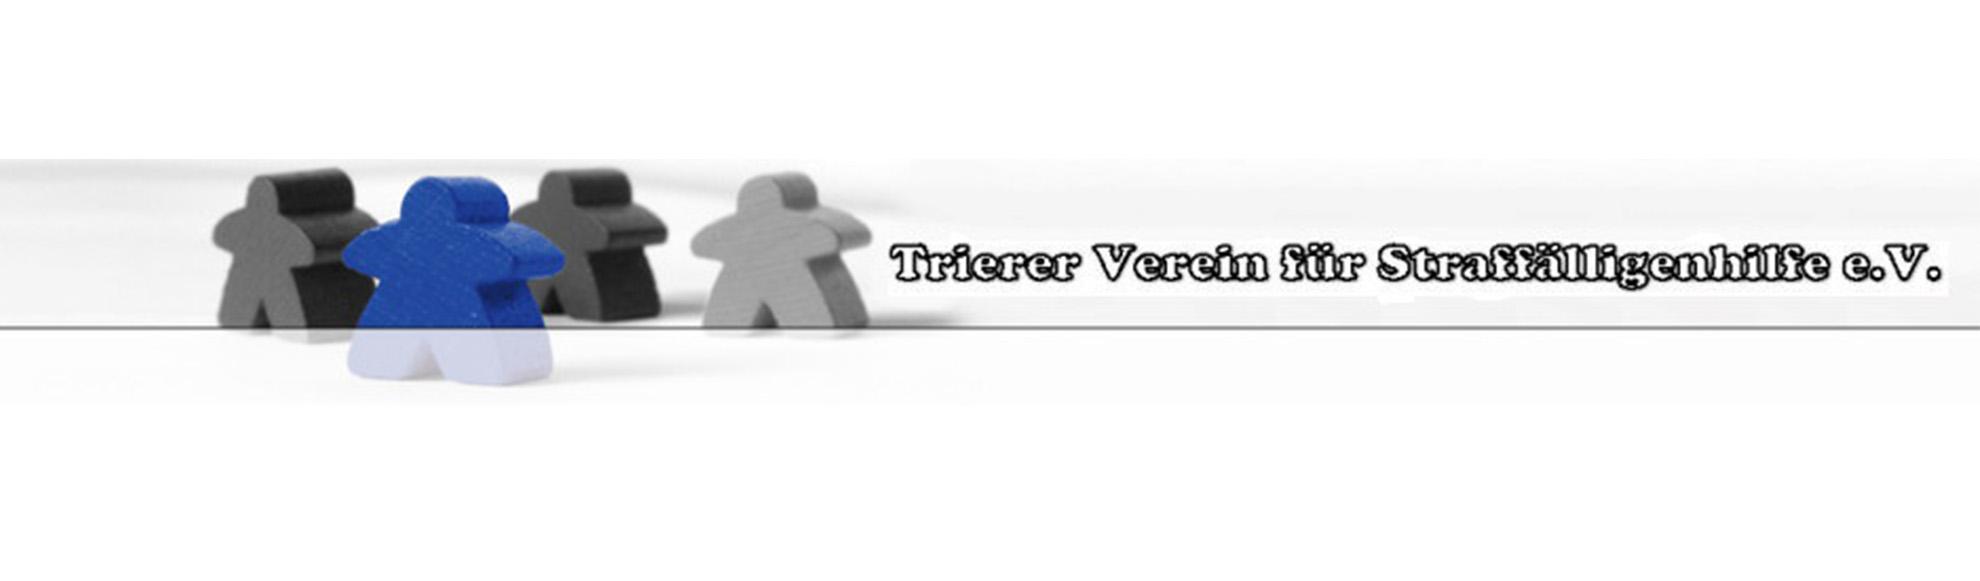 Probare - Trierer Verein für Straffälligenhilfe e.V.